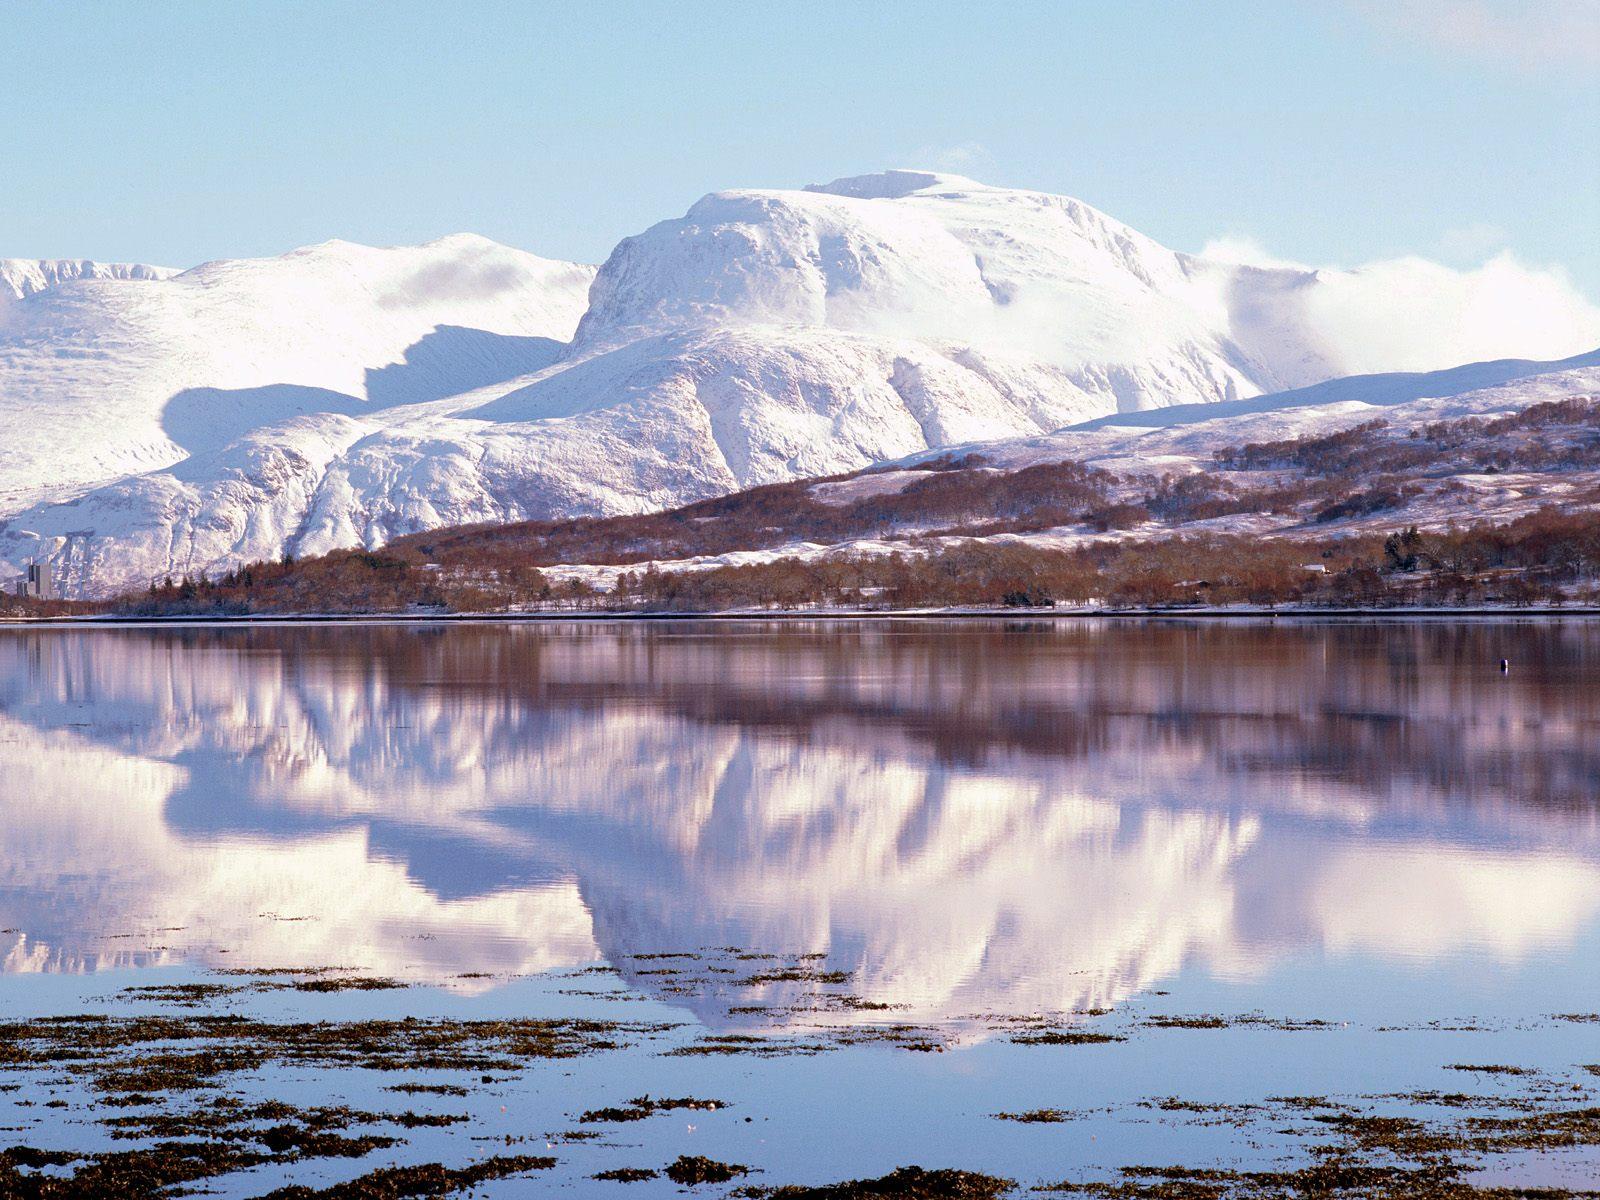 http://1.bp.blogspot.com/-0O2DGI8d46I/T0aM7MsI8cI/AAAAAAAADVA/5mNYDD-DlEI/s1600/Highlands_Ben_Nevis_Range_Scotland.jpg